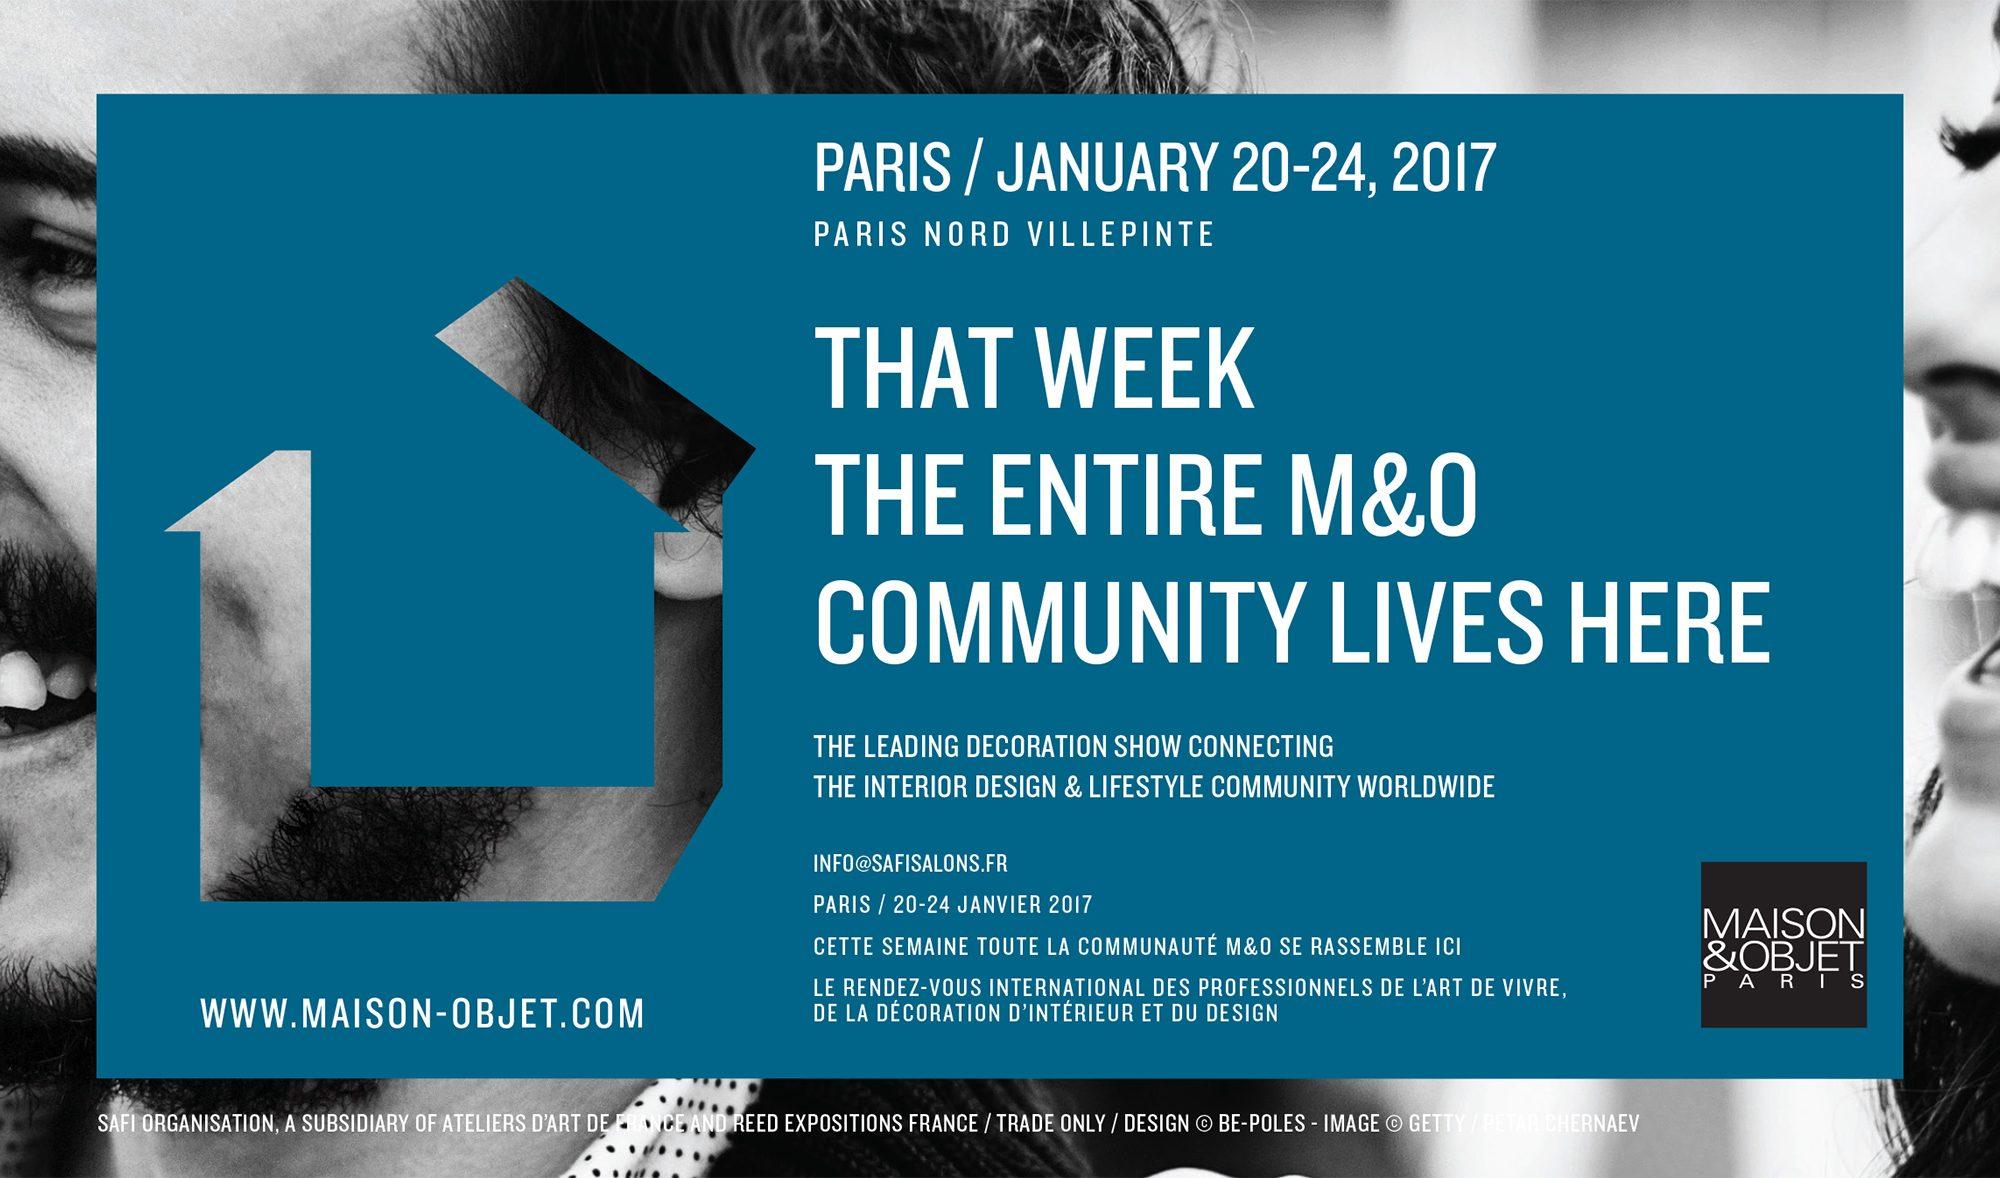 Upcoming event maison objet paris 2017